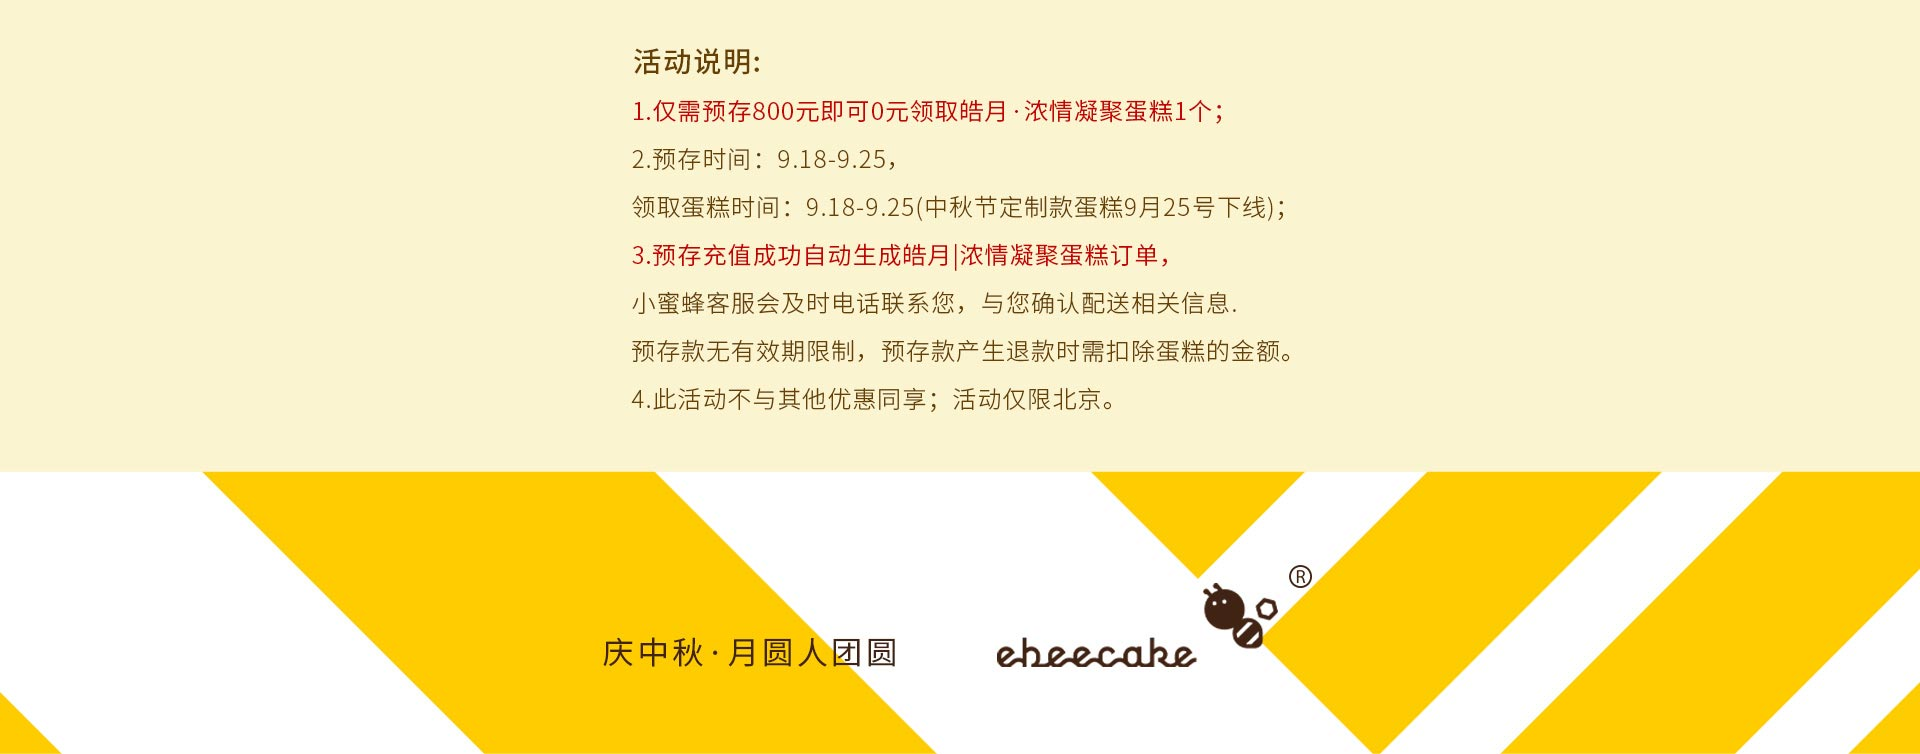 中秋节预存充值活动说明